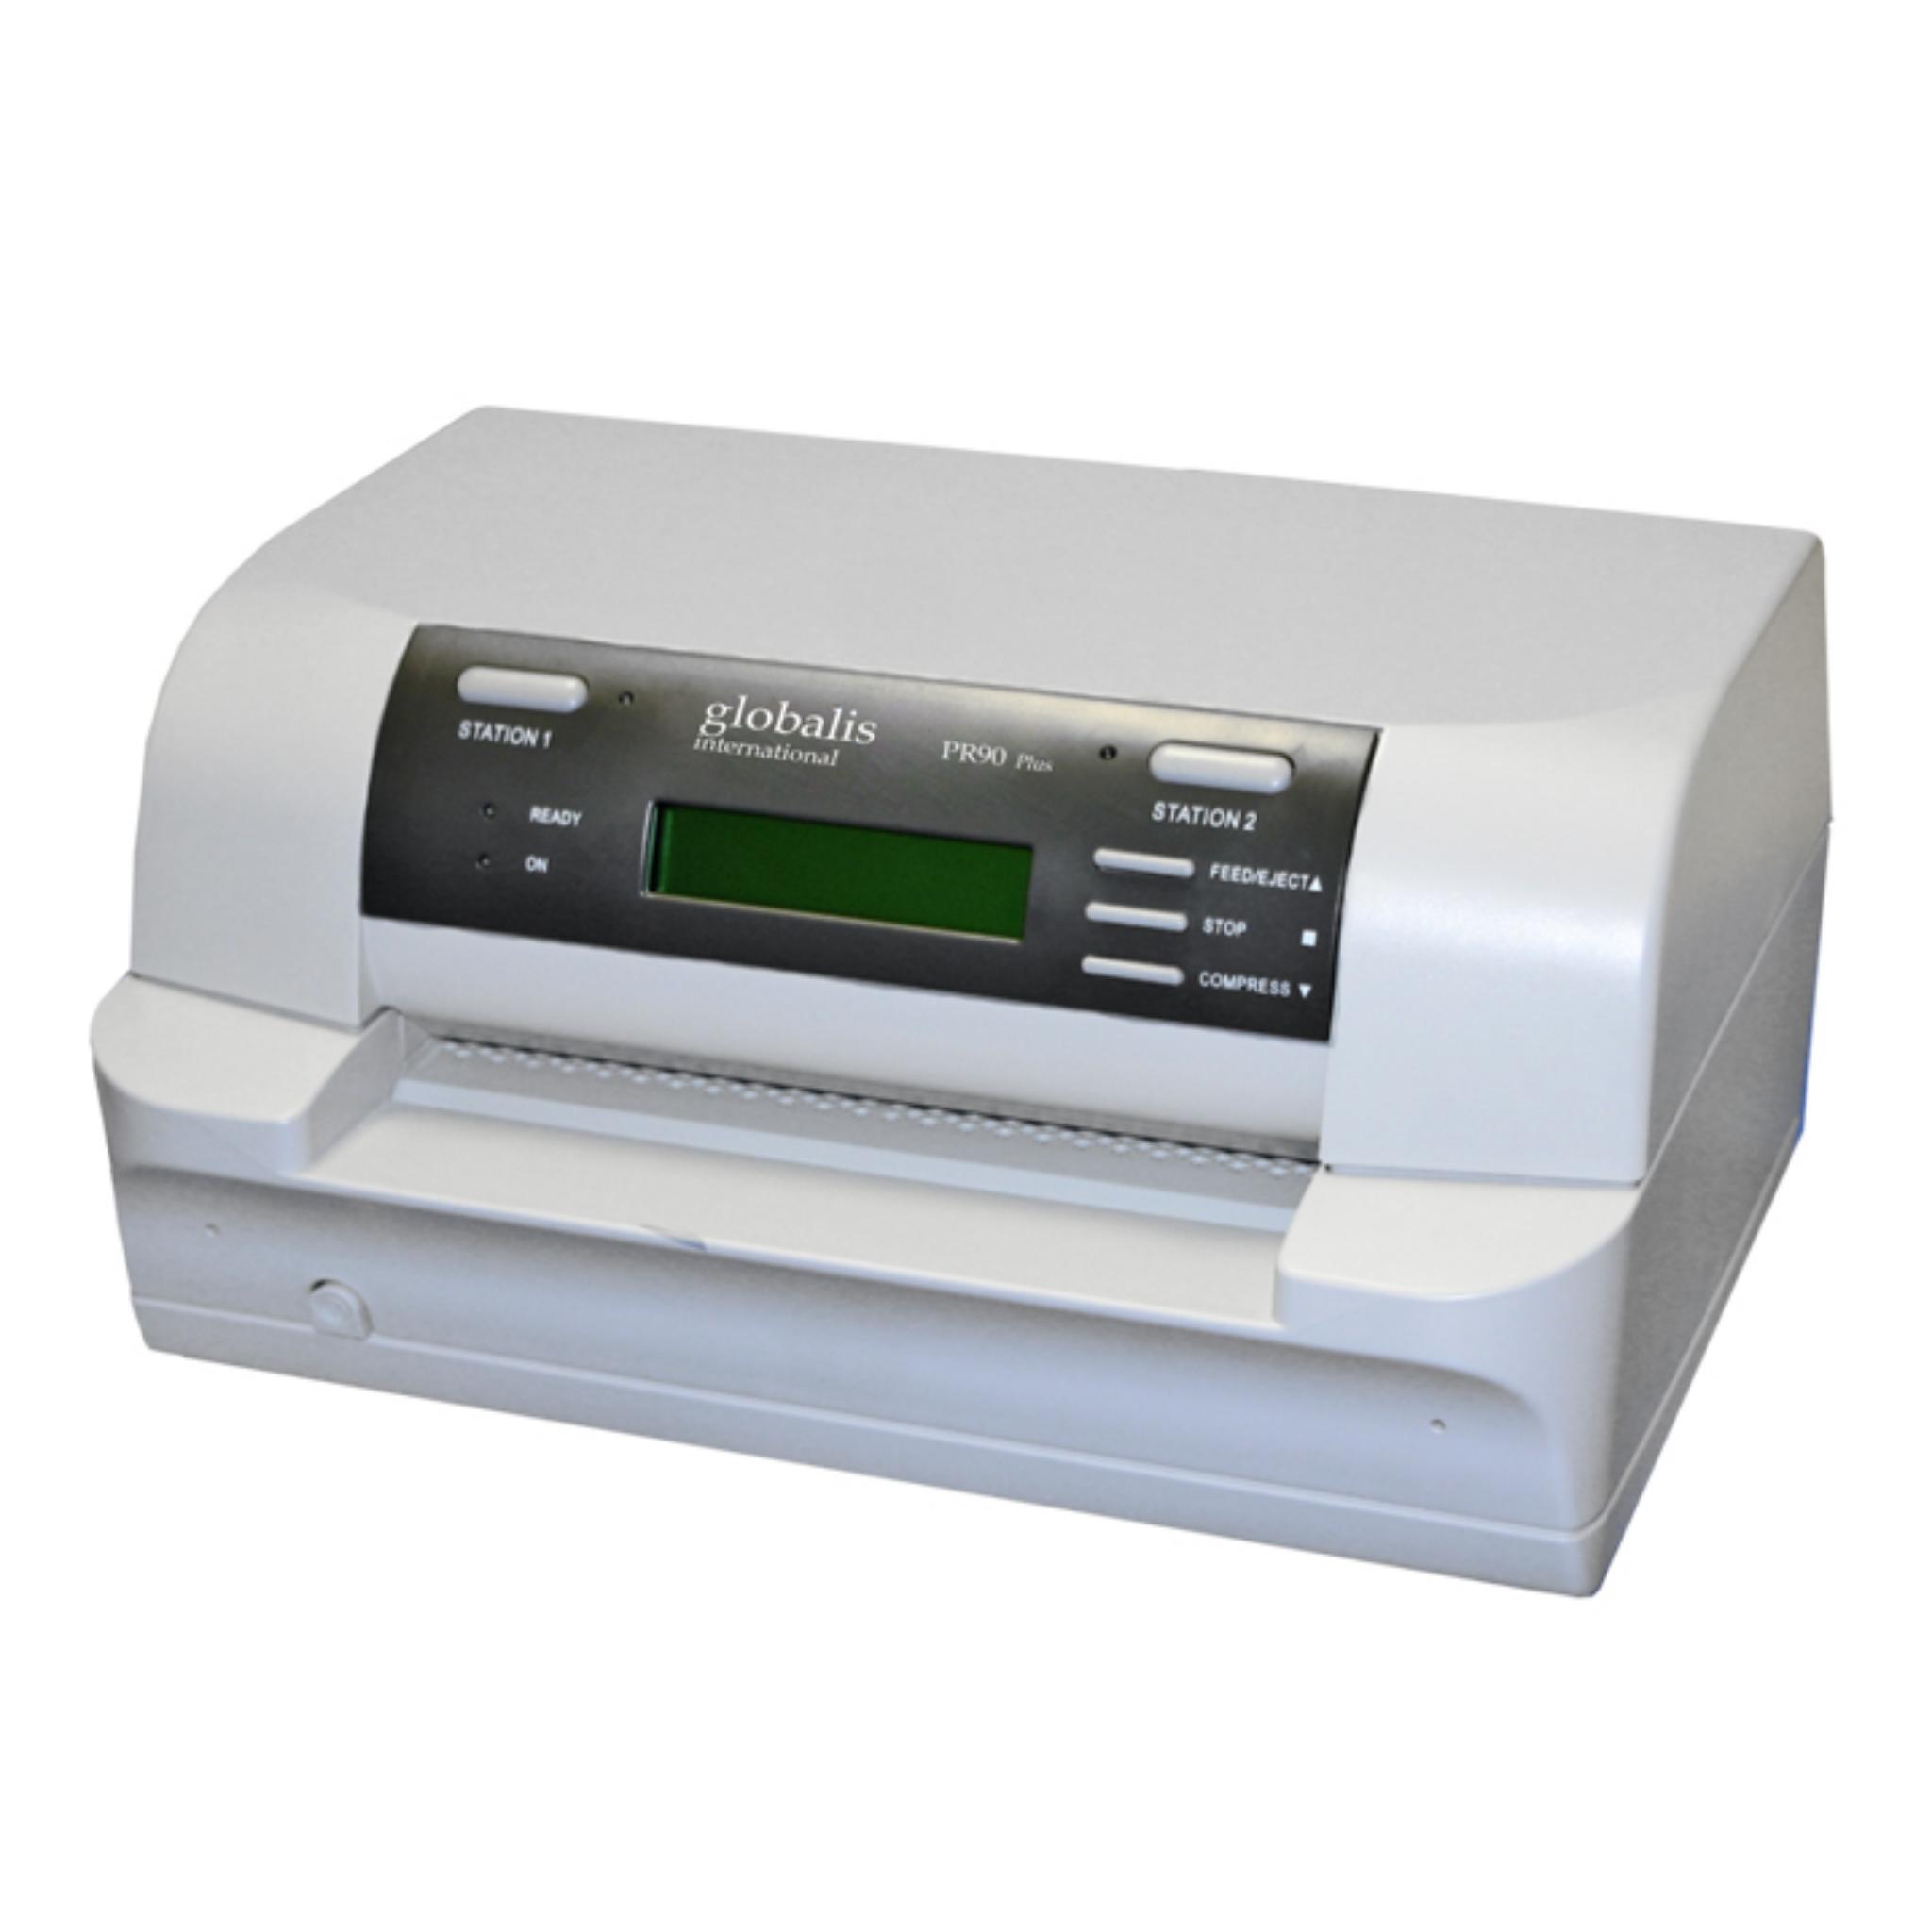 فروش نقدی و اقساطی پرینتر گلوبالیس مدل Pr90 plus